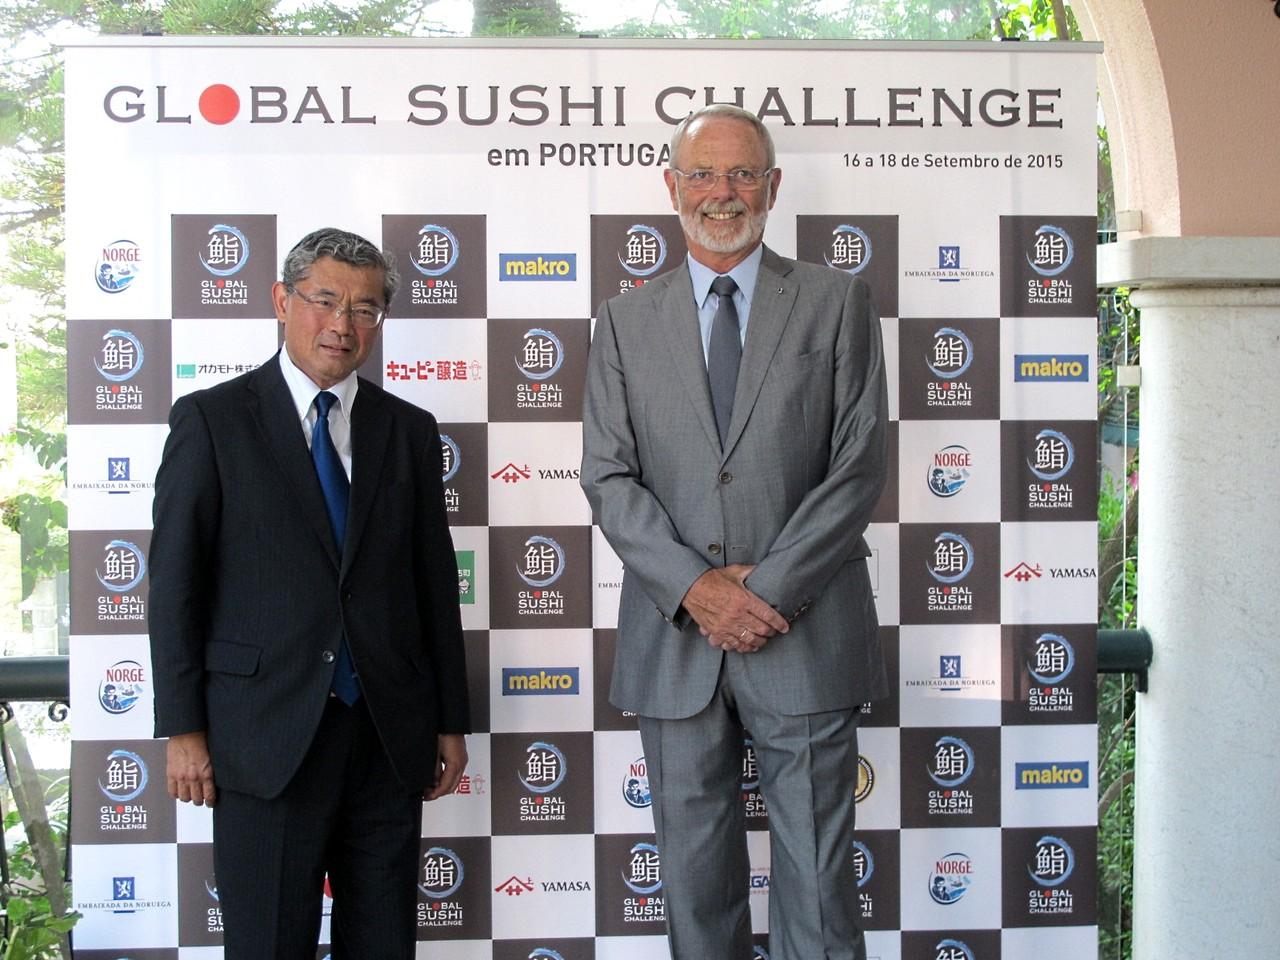 Embaixadores do Japão e da Noruega... em Portugal